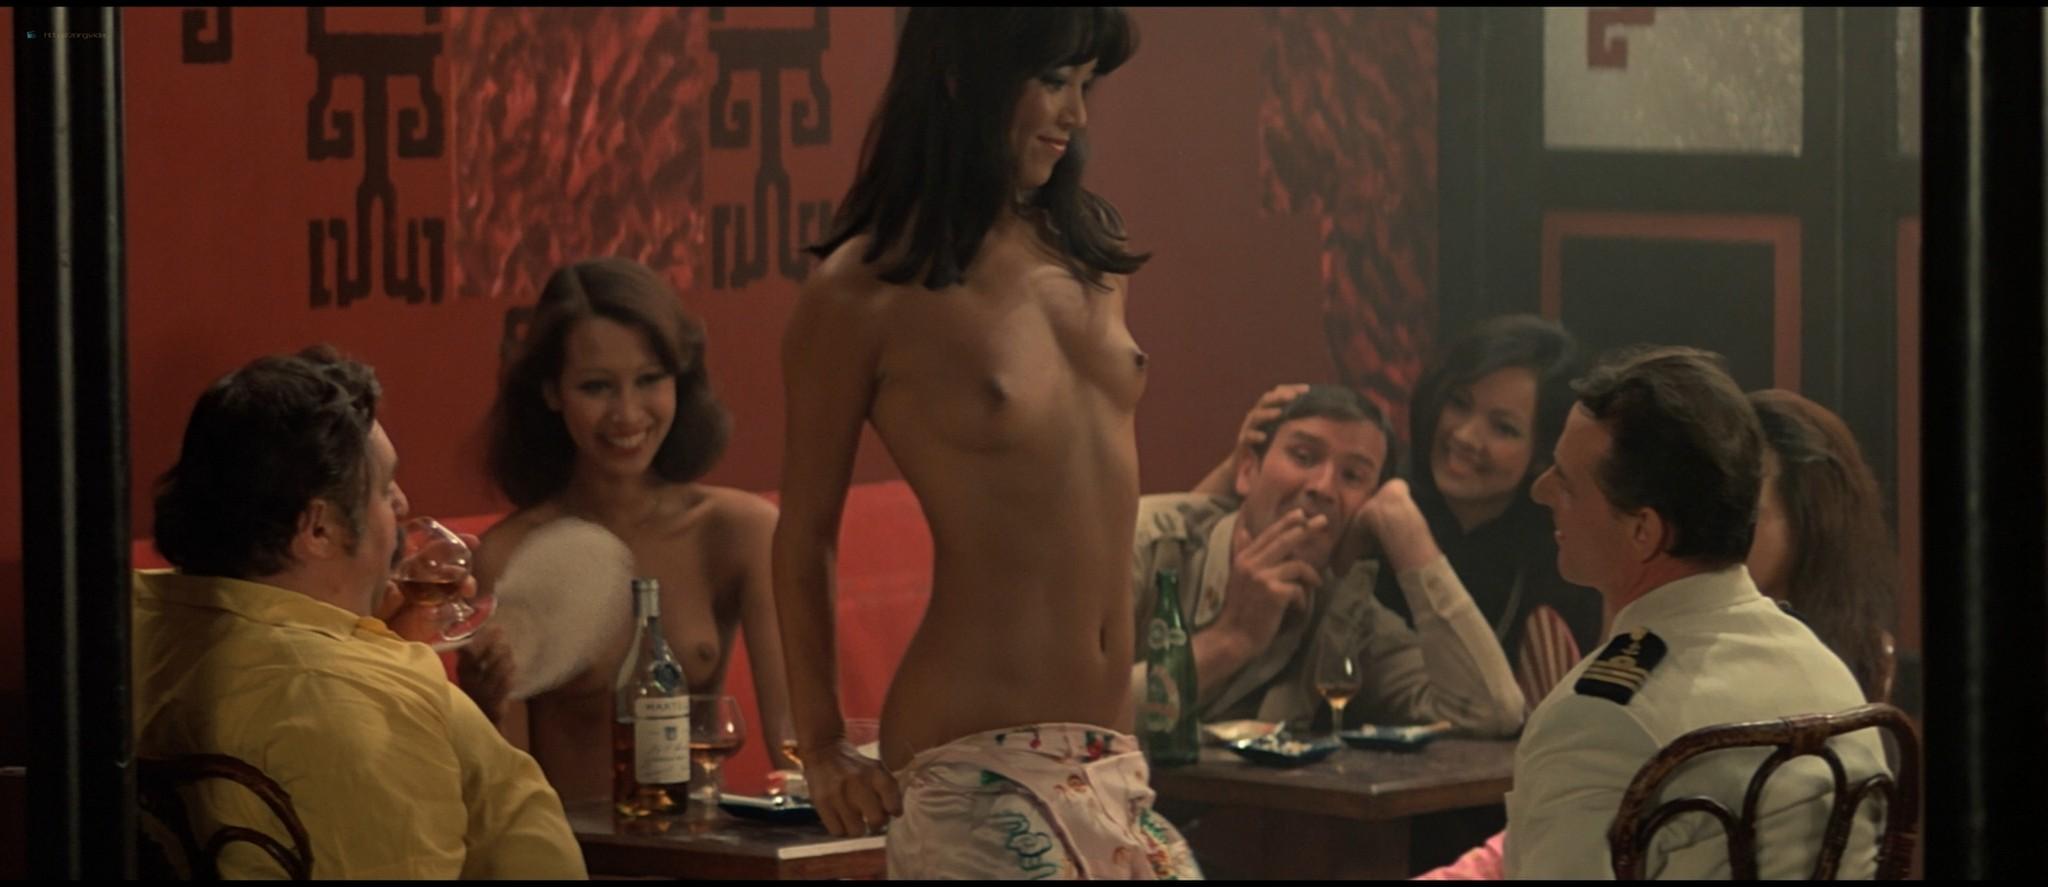 Sylvia Kristel nude sex threesome Catherine Rivet, Laura Gemser nude - Emmanuelle 2 (1975) HD 1080p REMUX (16)